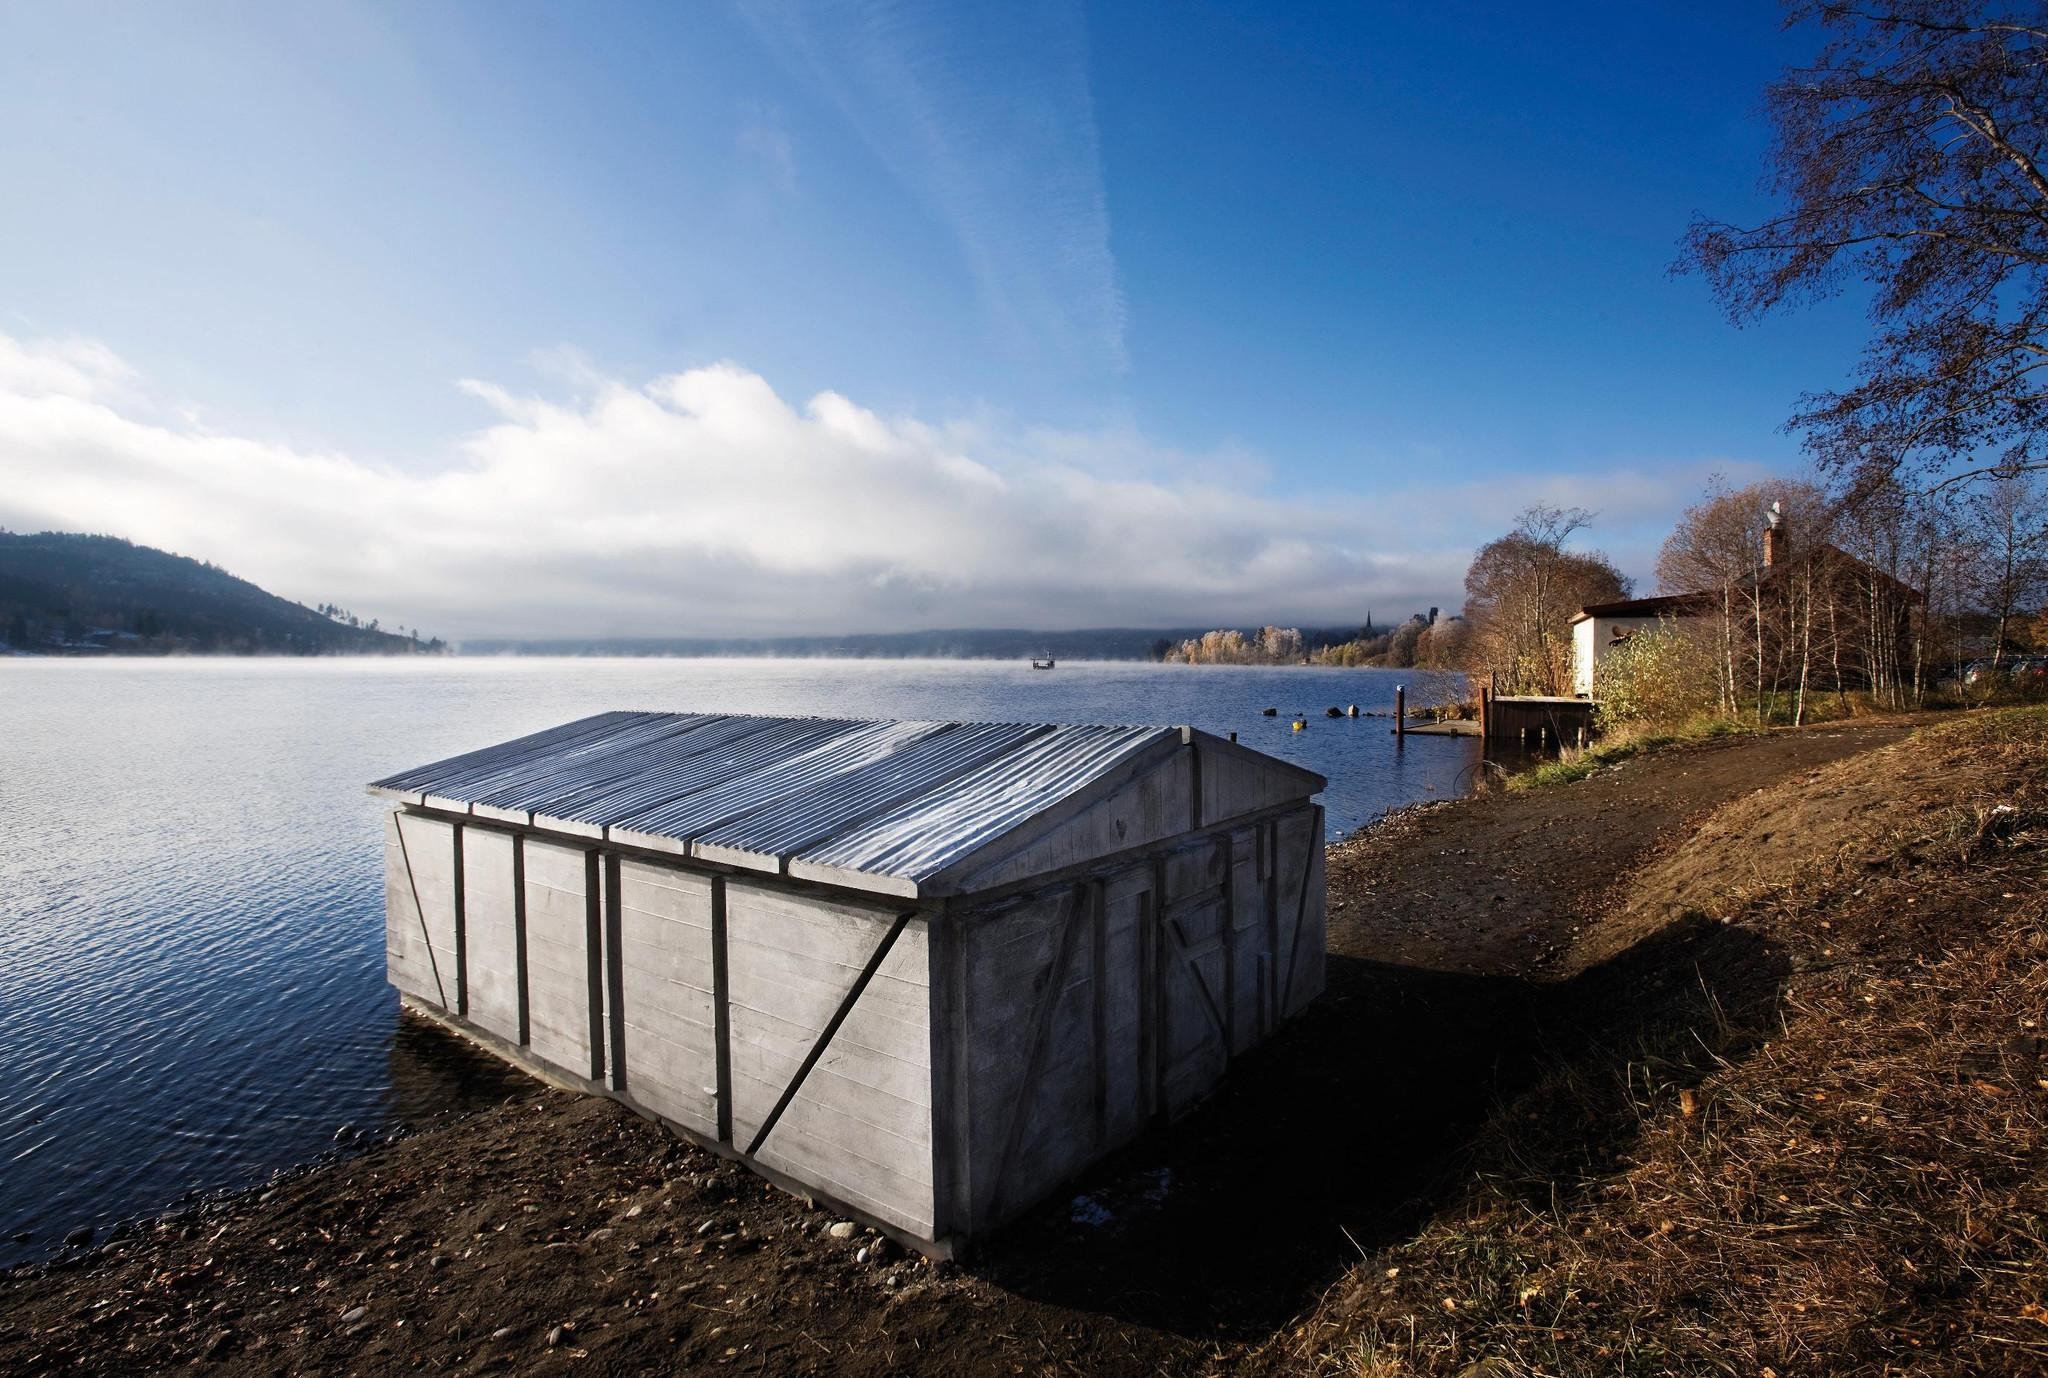 Foto: Sverre Chr Jarild